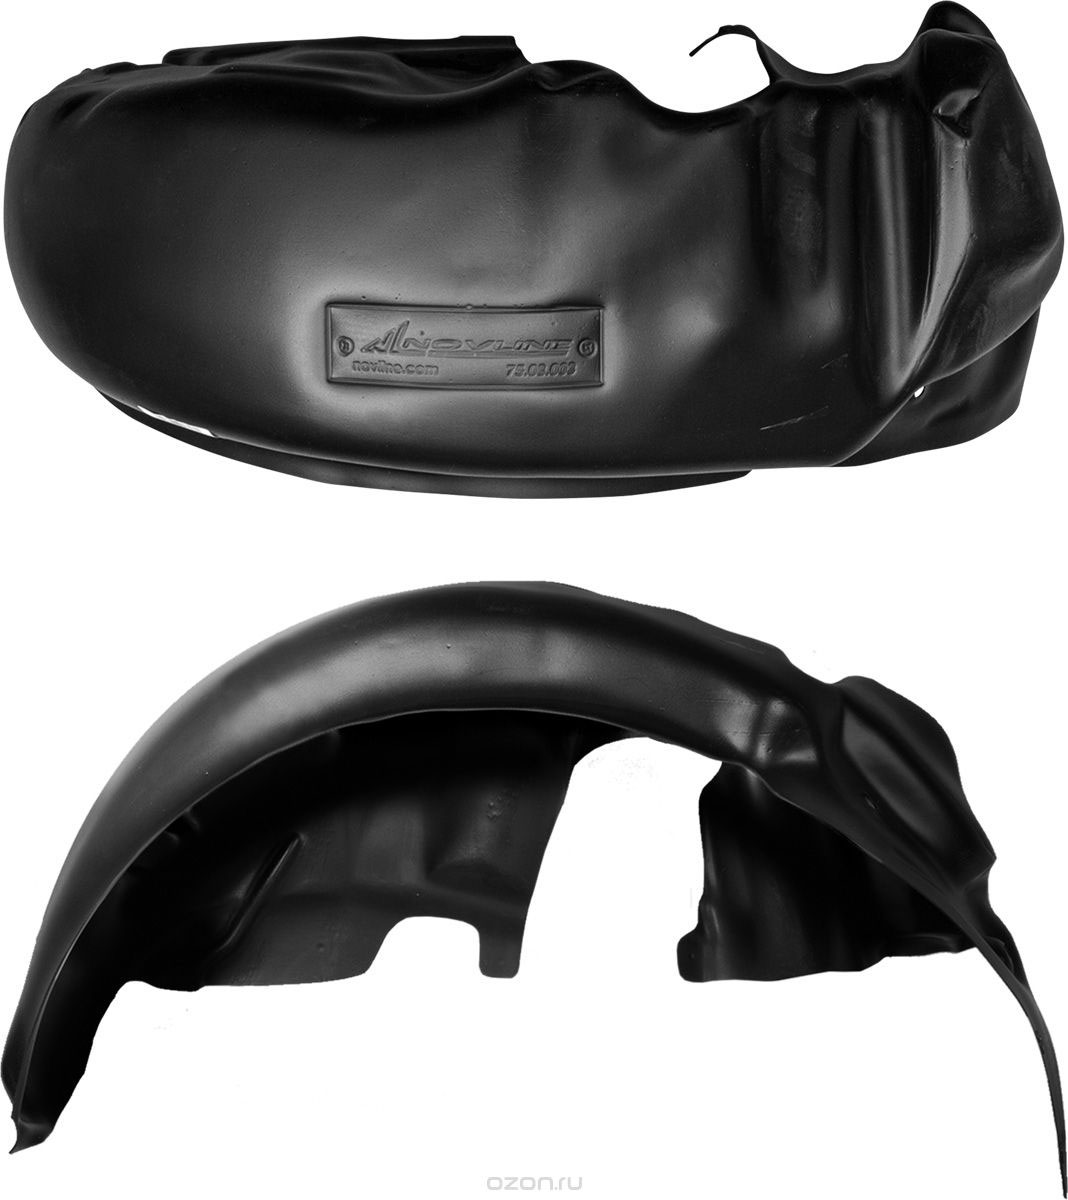 Подкрылок Novline-Autofamily, для Mercedes-Benz Sprinter Classic, 2013->, передний правыйNLL.34.02.002Идеальная защита колесной ниши. Локеры разработаны с применением цифровых технологий, гарантируют максимальную повторяемость поверхности арки. Изделия устанавливаются без нарушения лакокрасочного покрытия автомобиля, каждый подкрылок комплектуется крепежом. Уважаемые клиенты, обращаем ваше внимание, что фотографии на подкрылки универсальные и не отражают реальную форму изделия. При этом само изделие идет точно под размер указанного автомобиля.